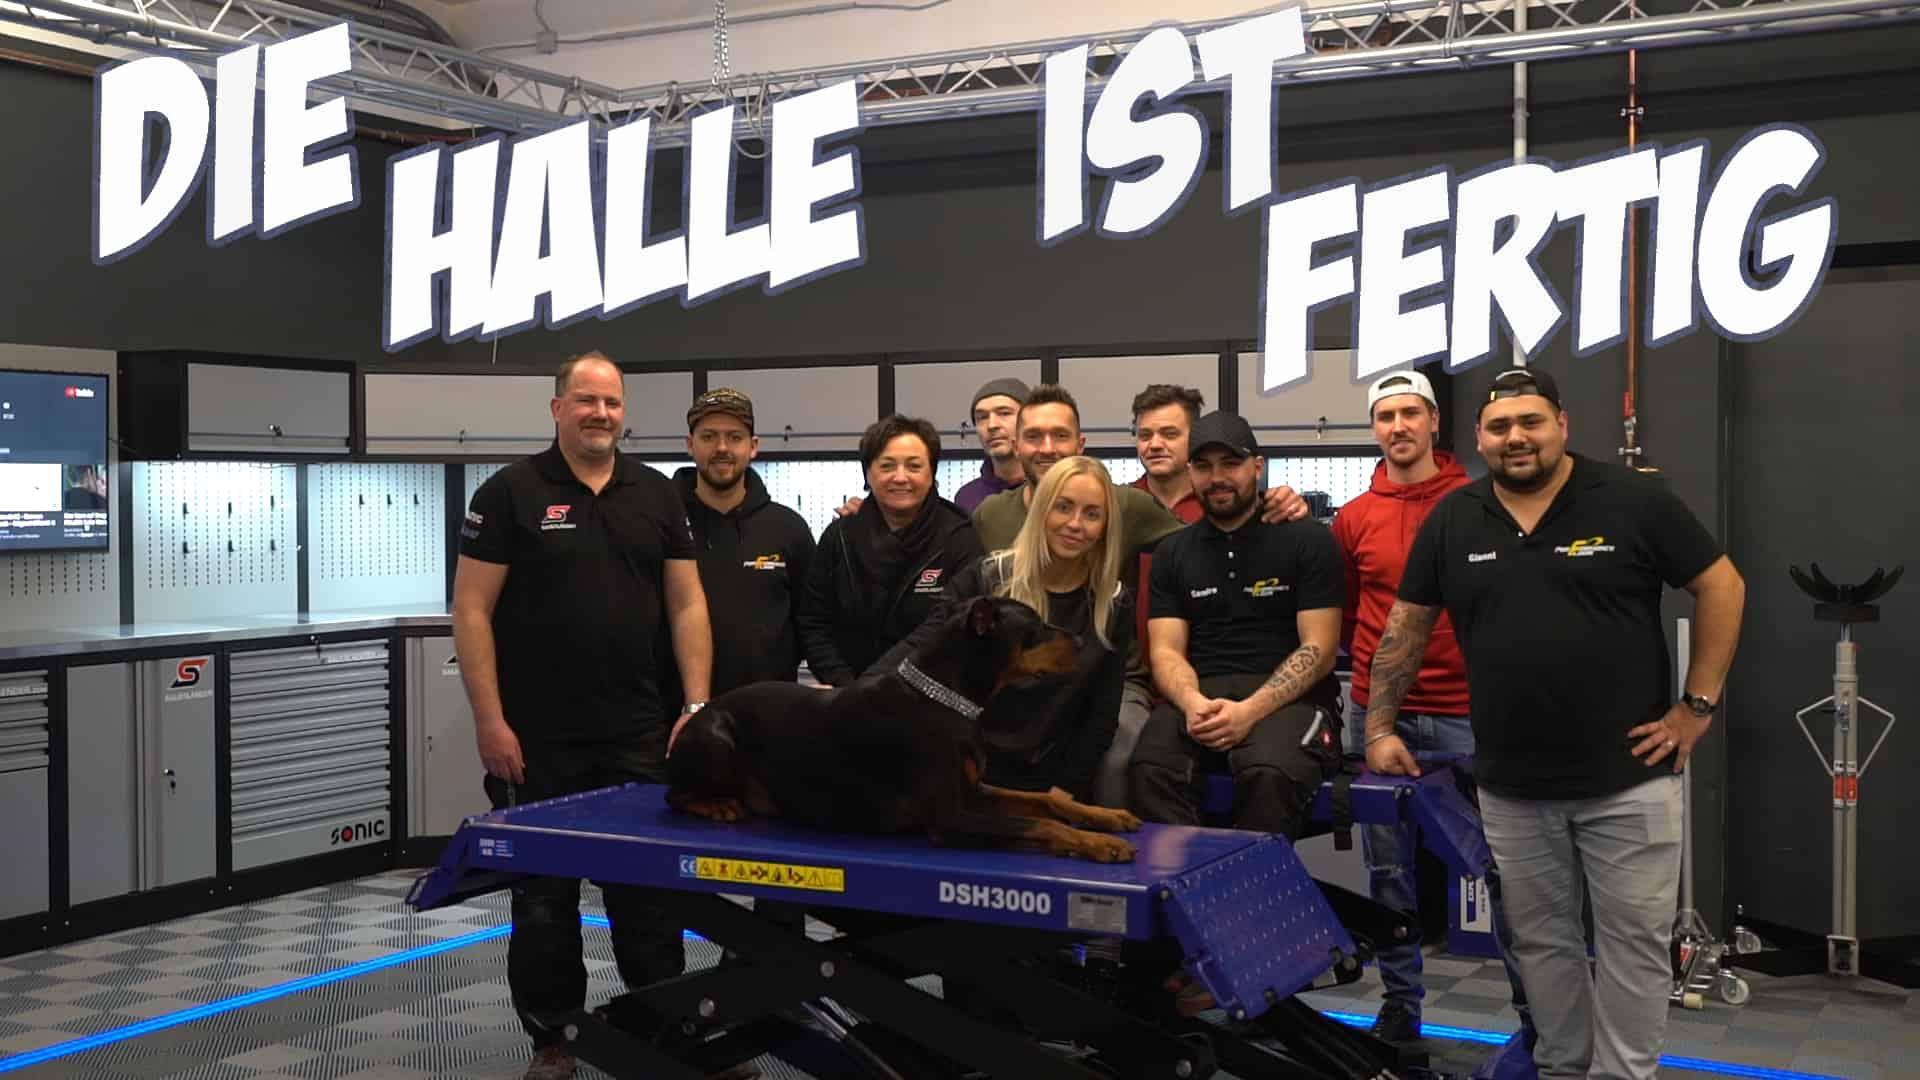 Rennfahrer David Schiwietz - die neue Halle ist fertig!